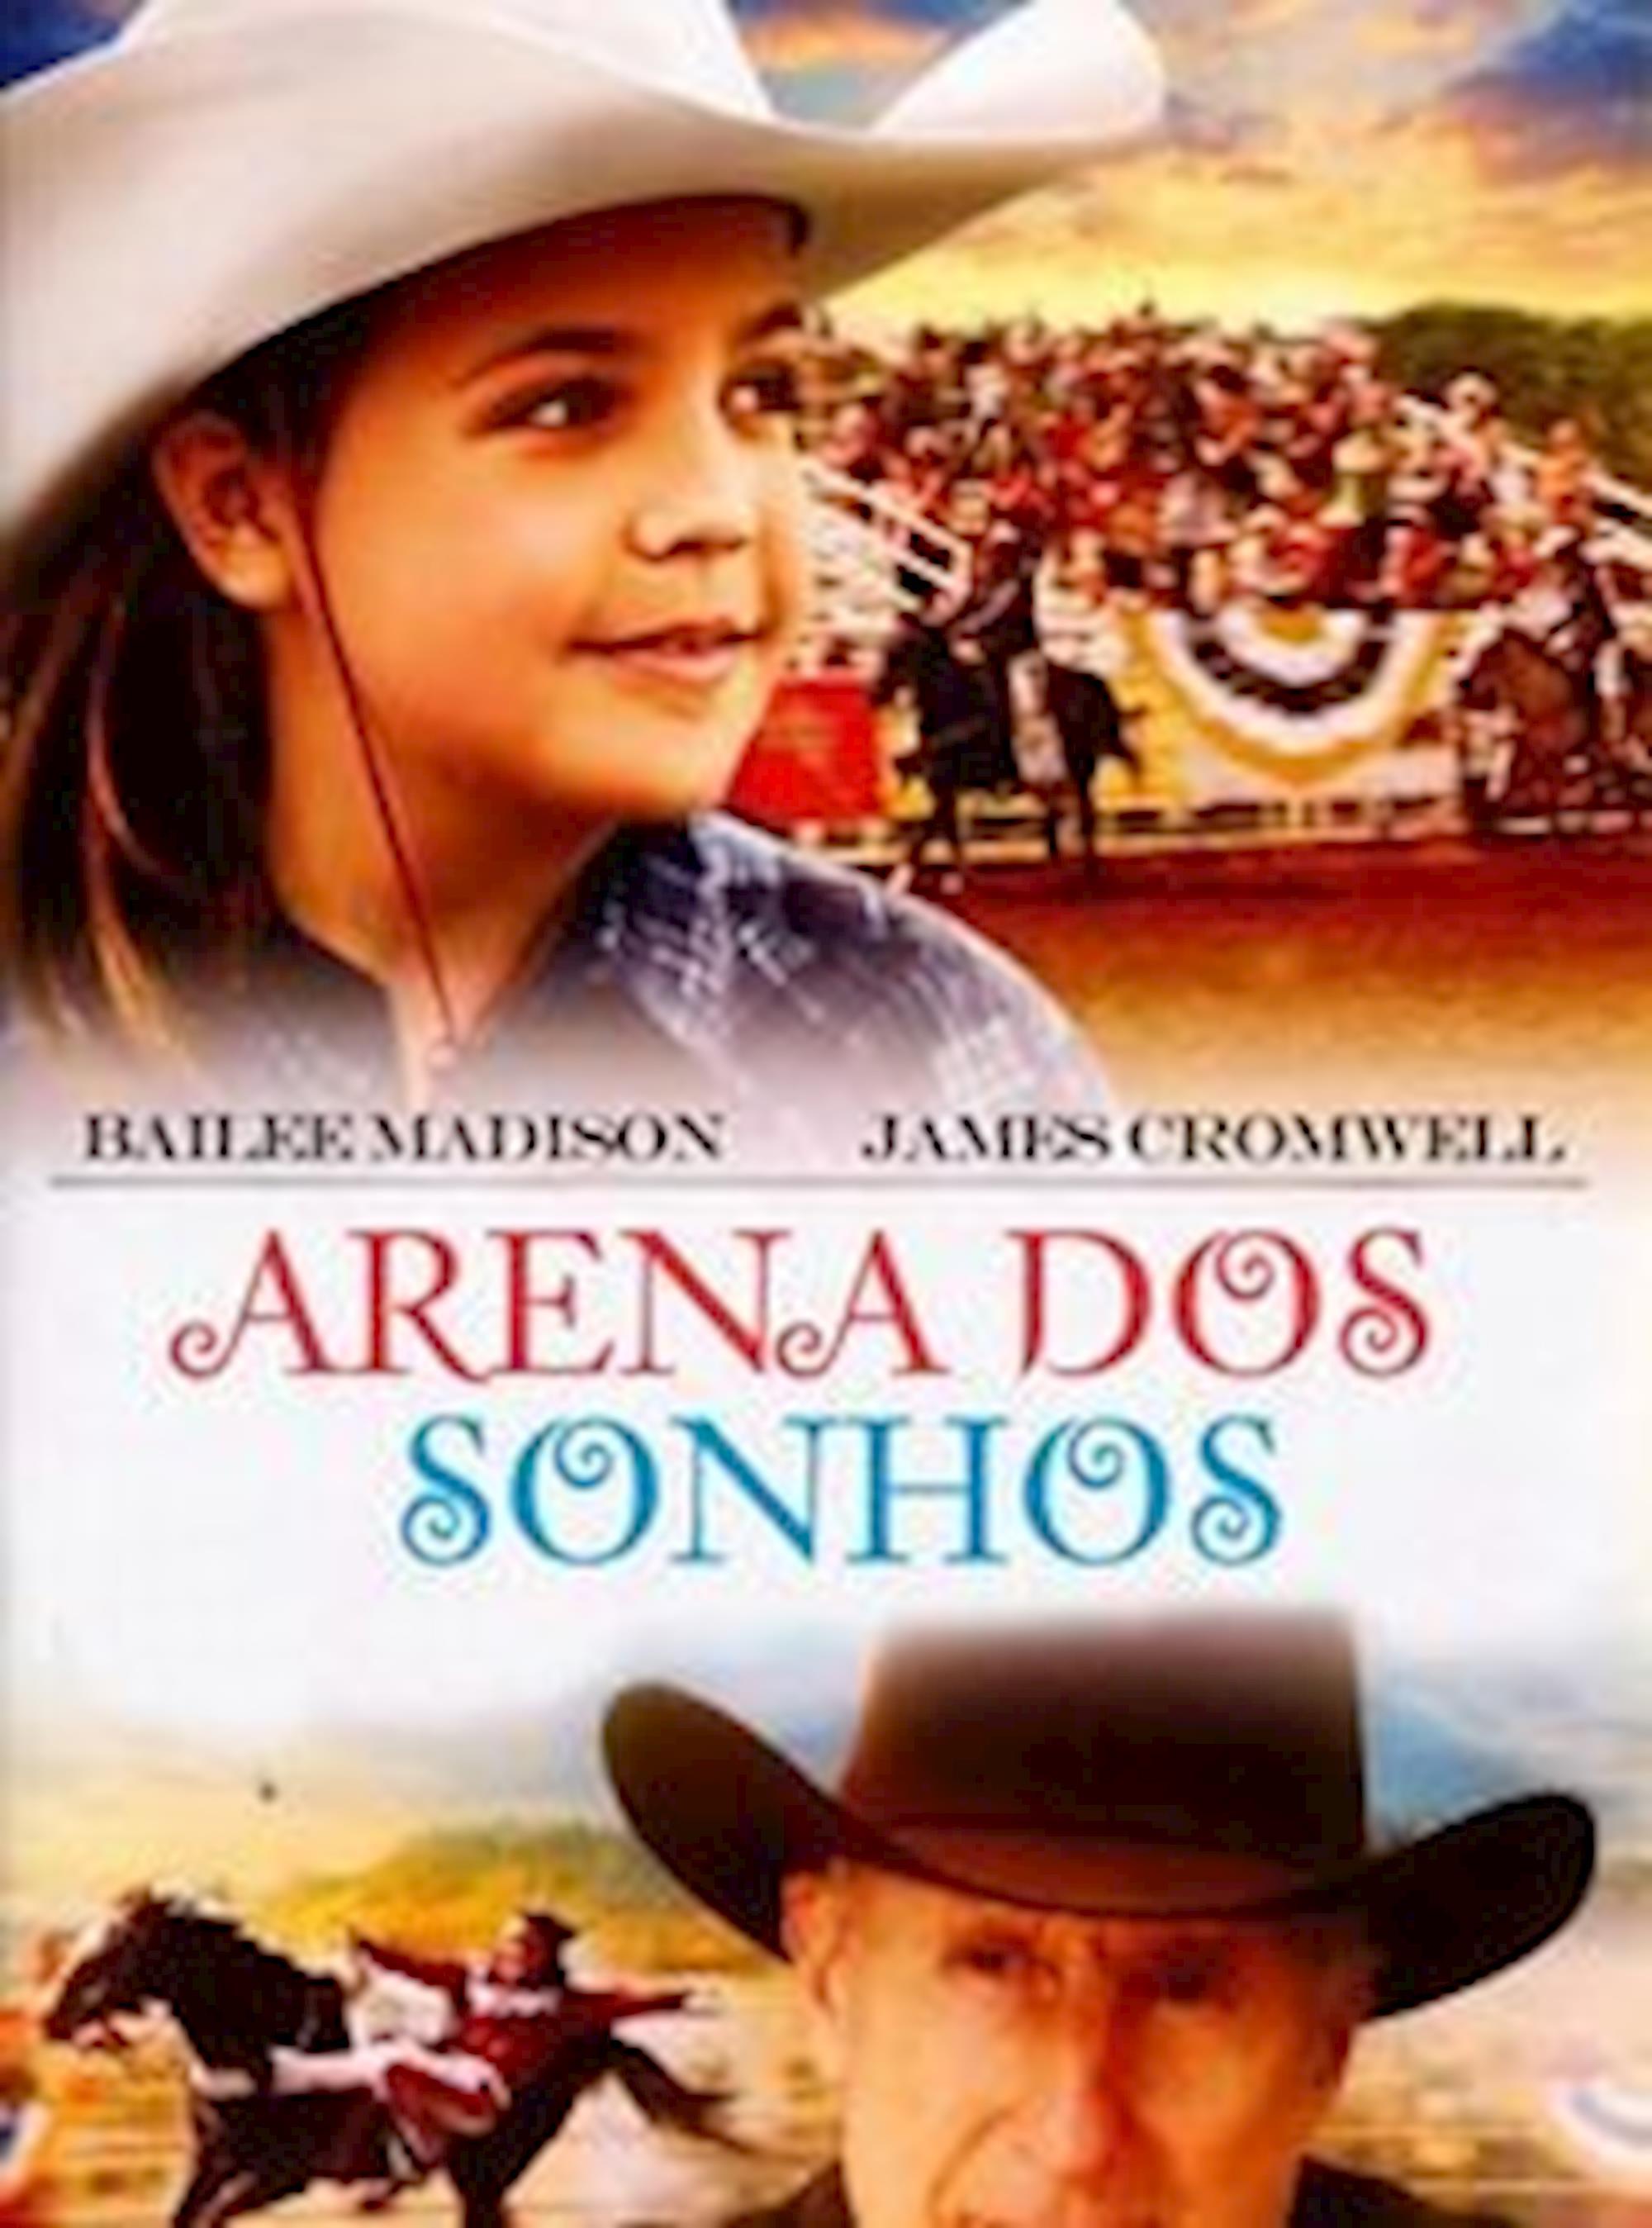 filmes de cavalos, dicas de filmes,Arena dos Sonhos,